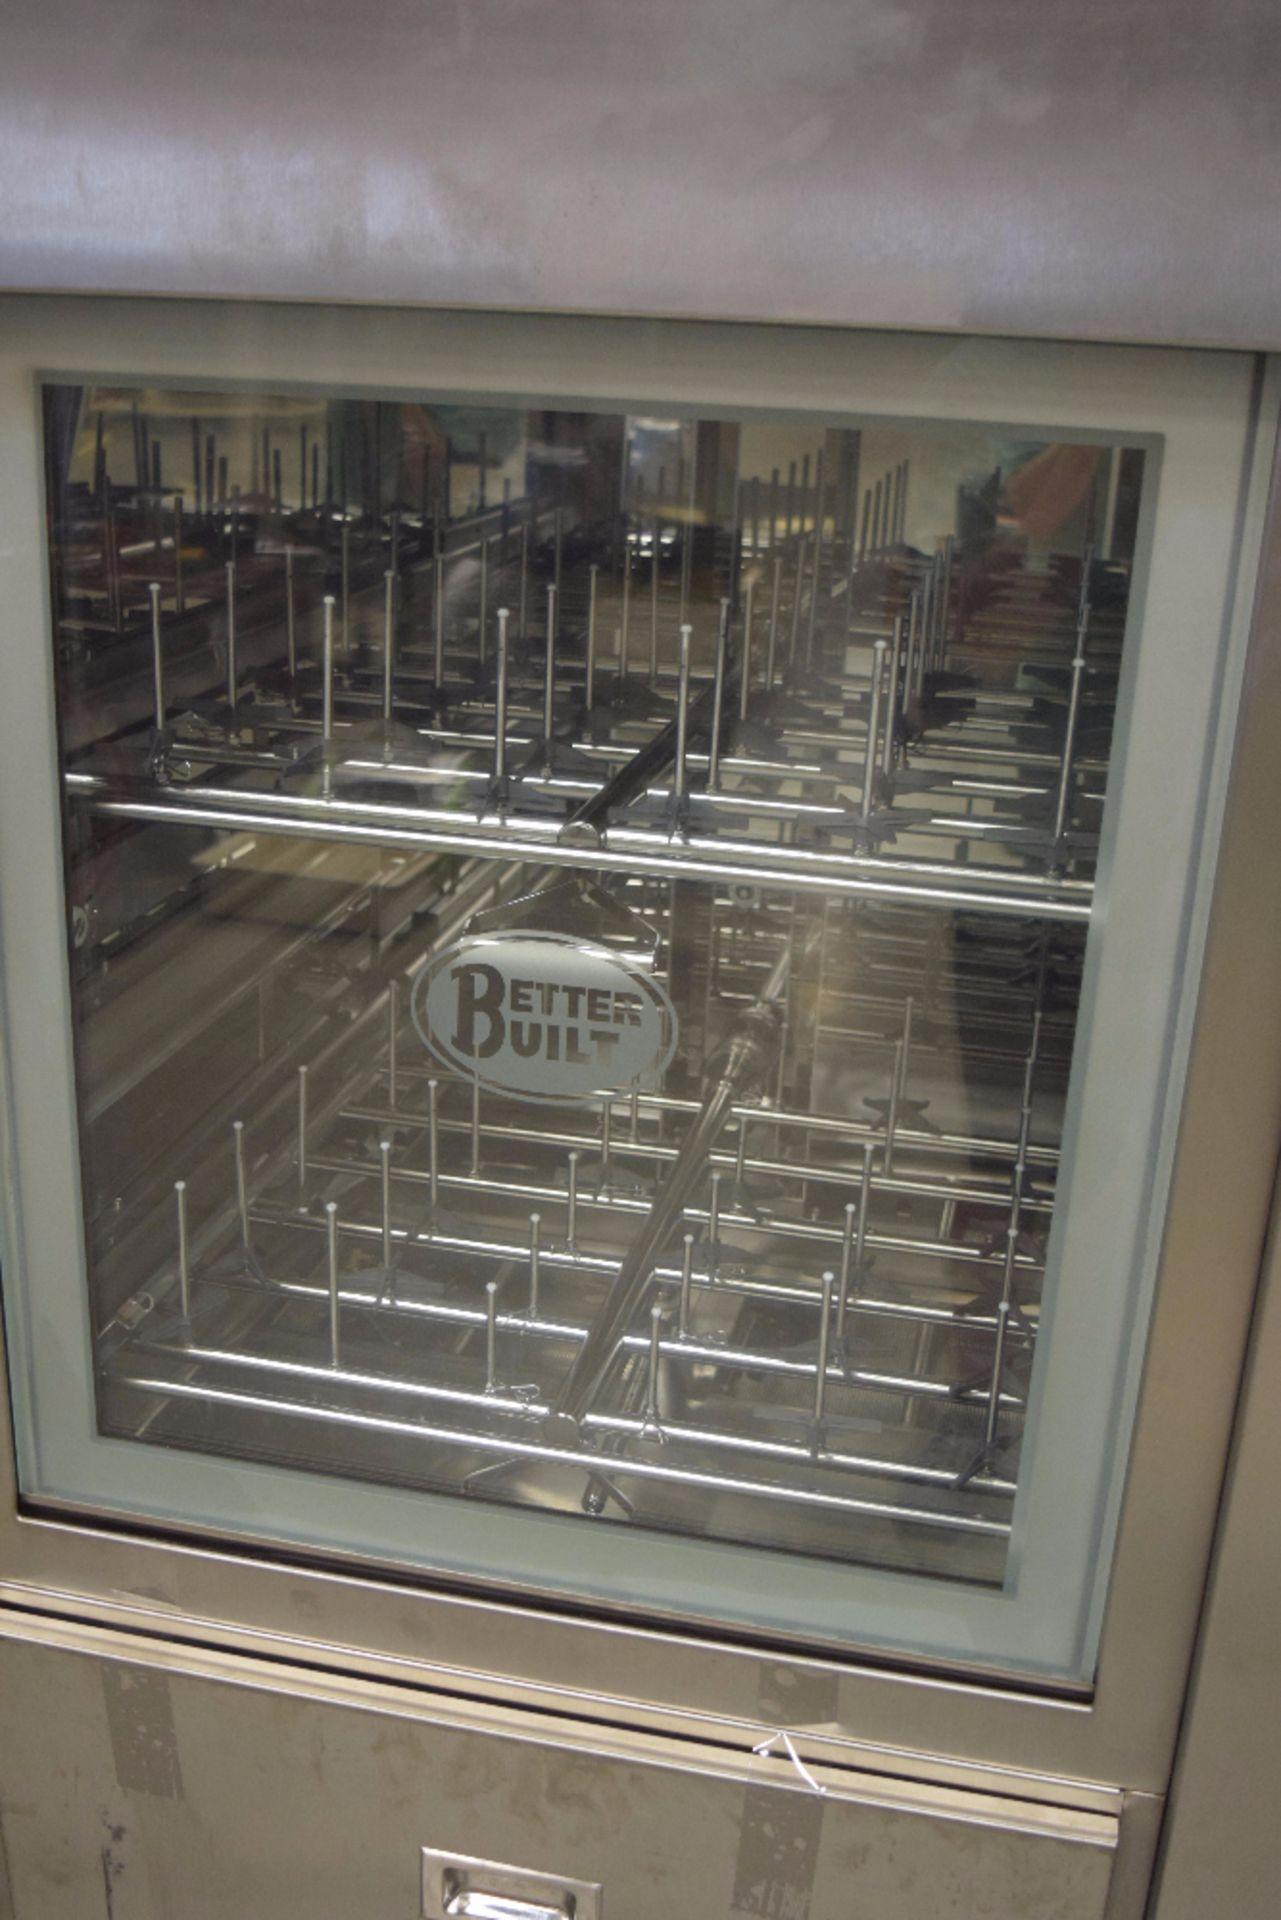 Better Built G403 Multi-Level Glassware Washer - Image 3 of 7